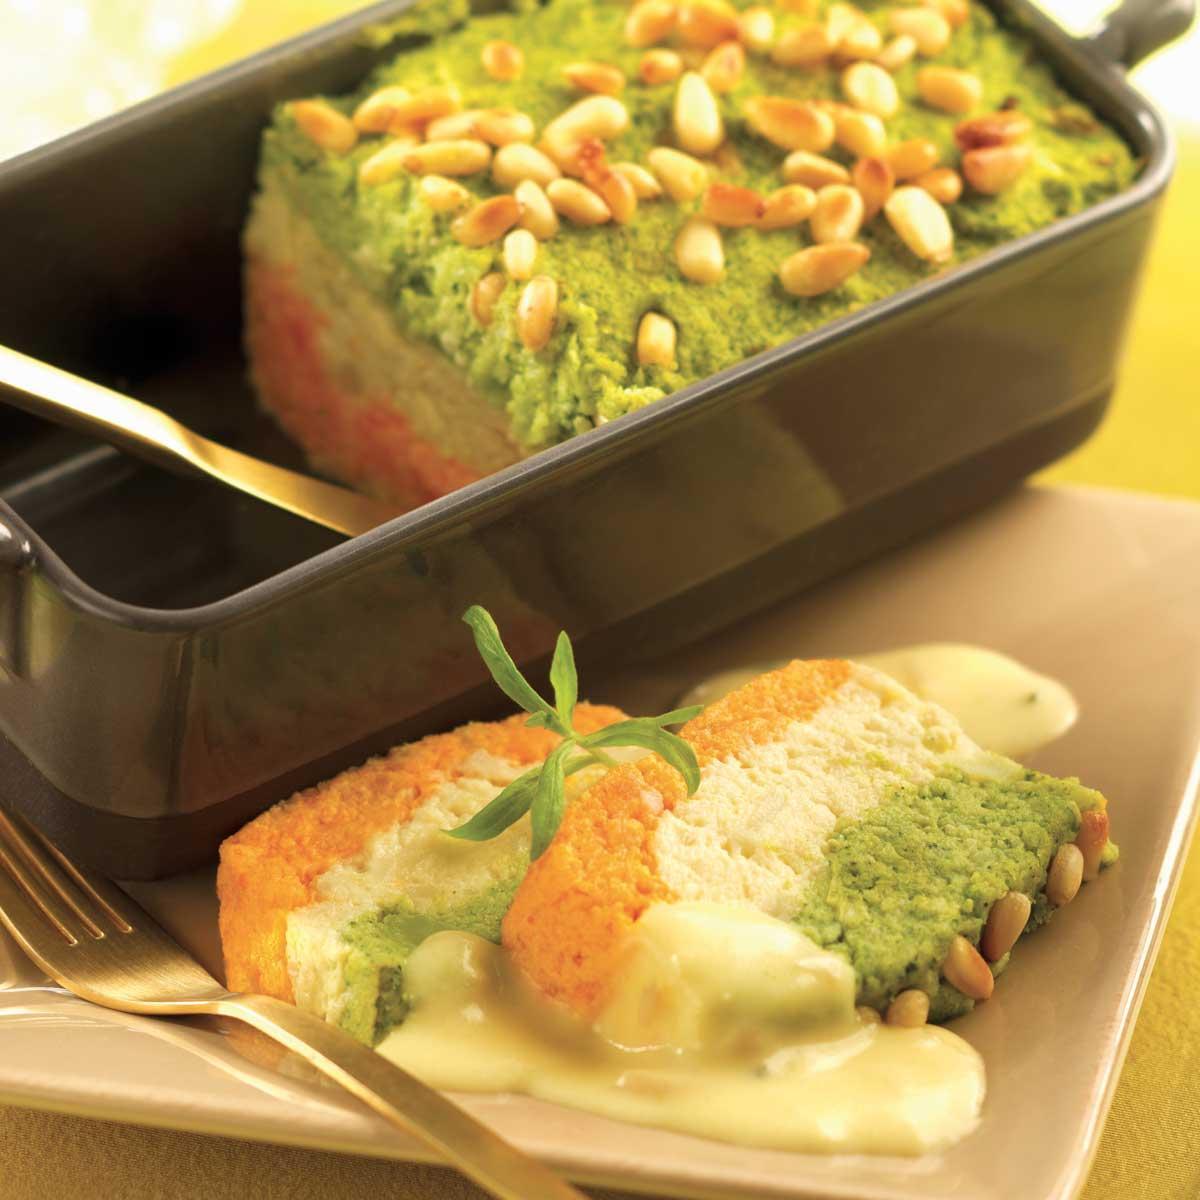 terrine de carottes et brocolis une recette entre amis. Black Bedroom Furniture Sets. Home Design Ideas